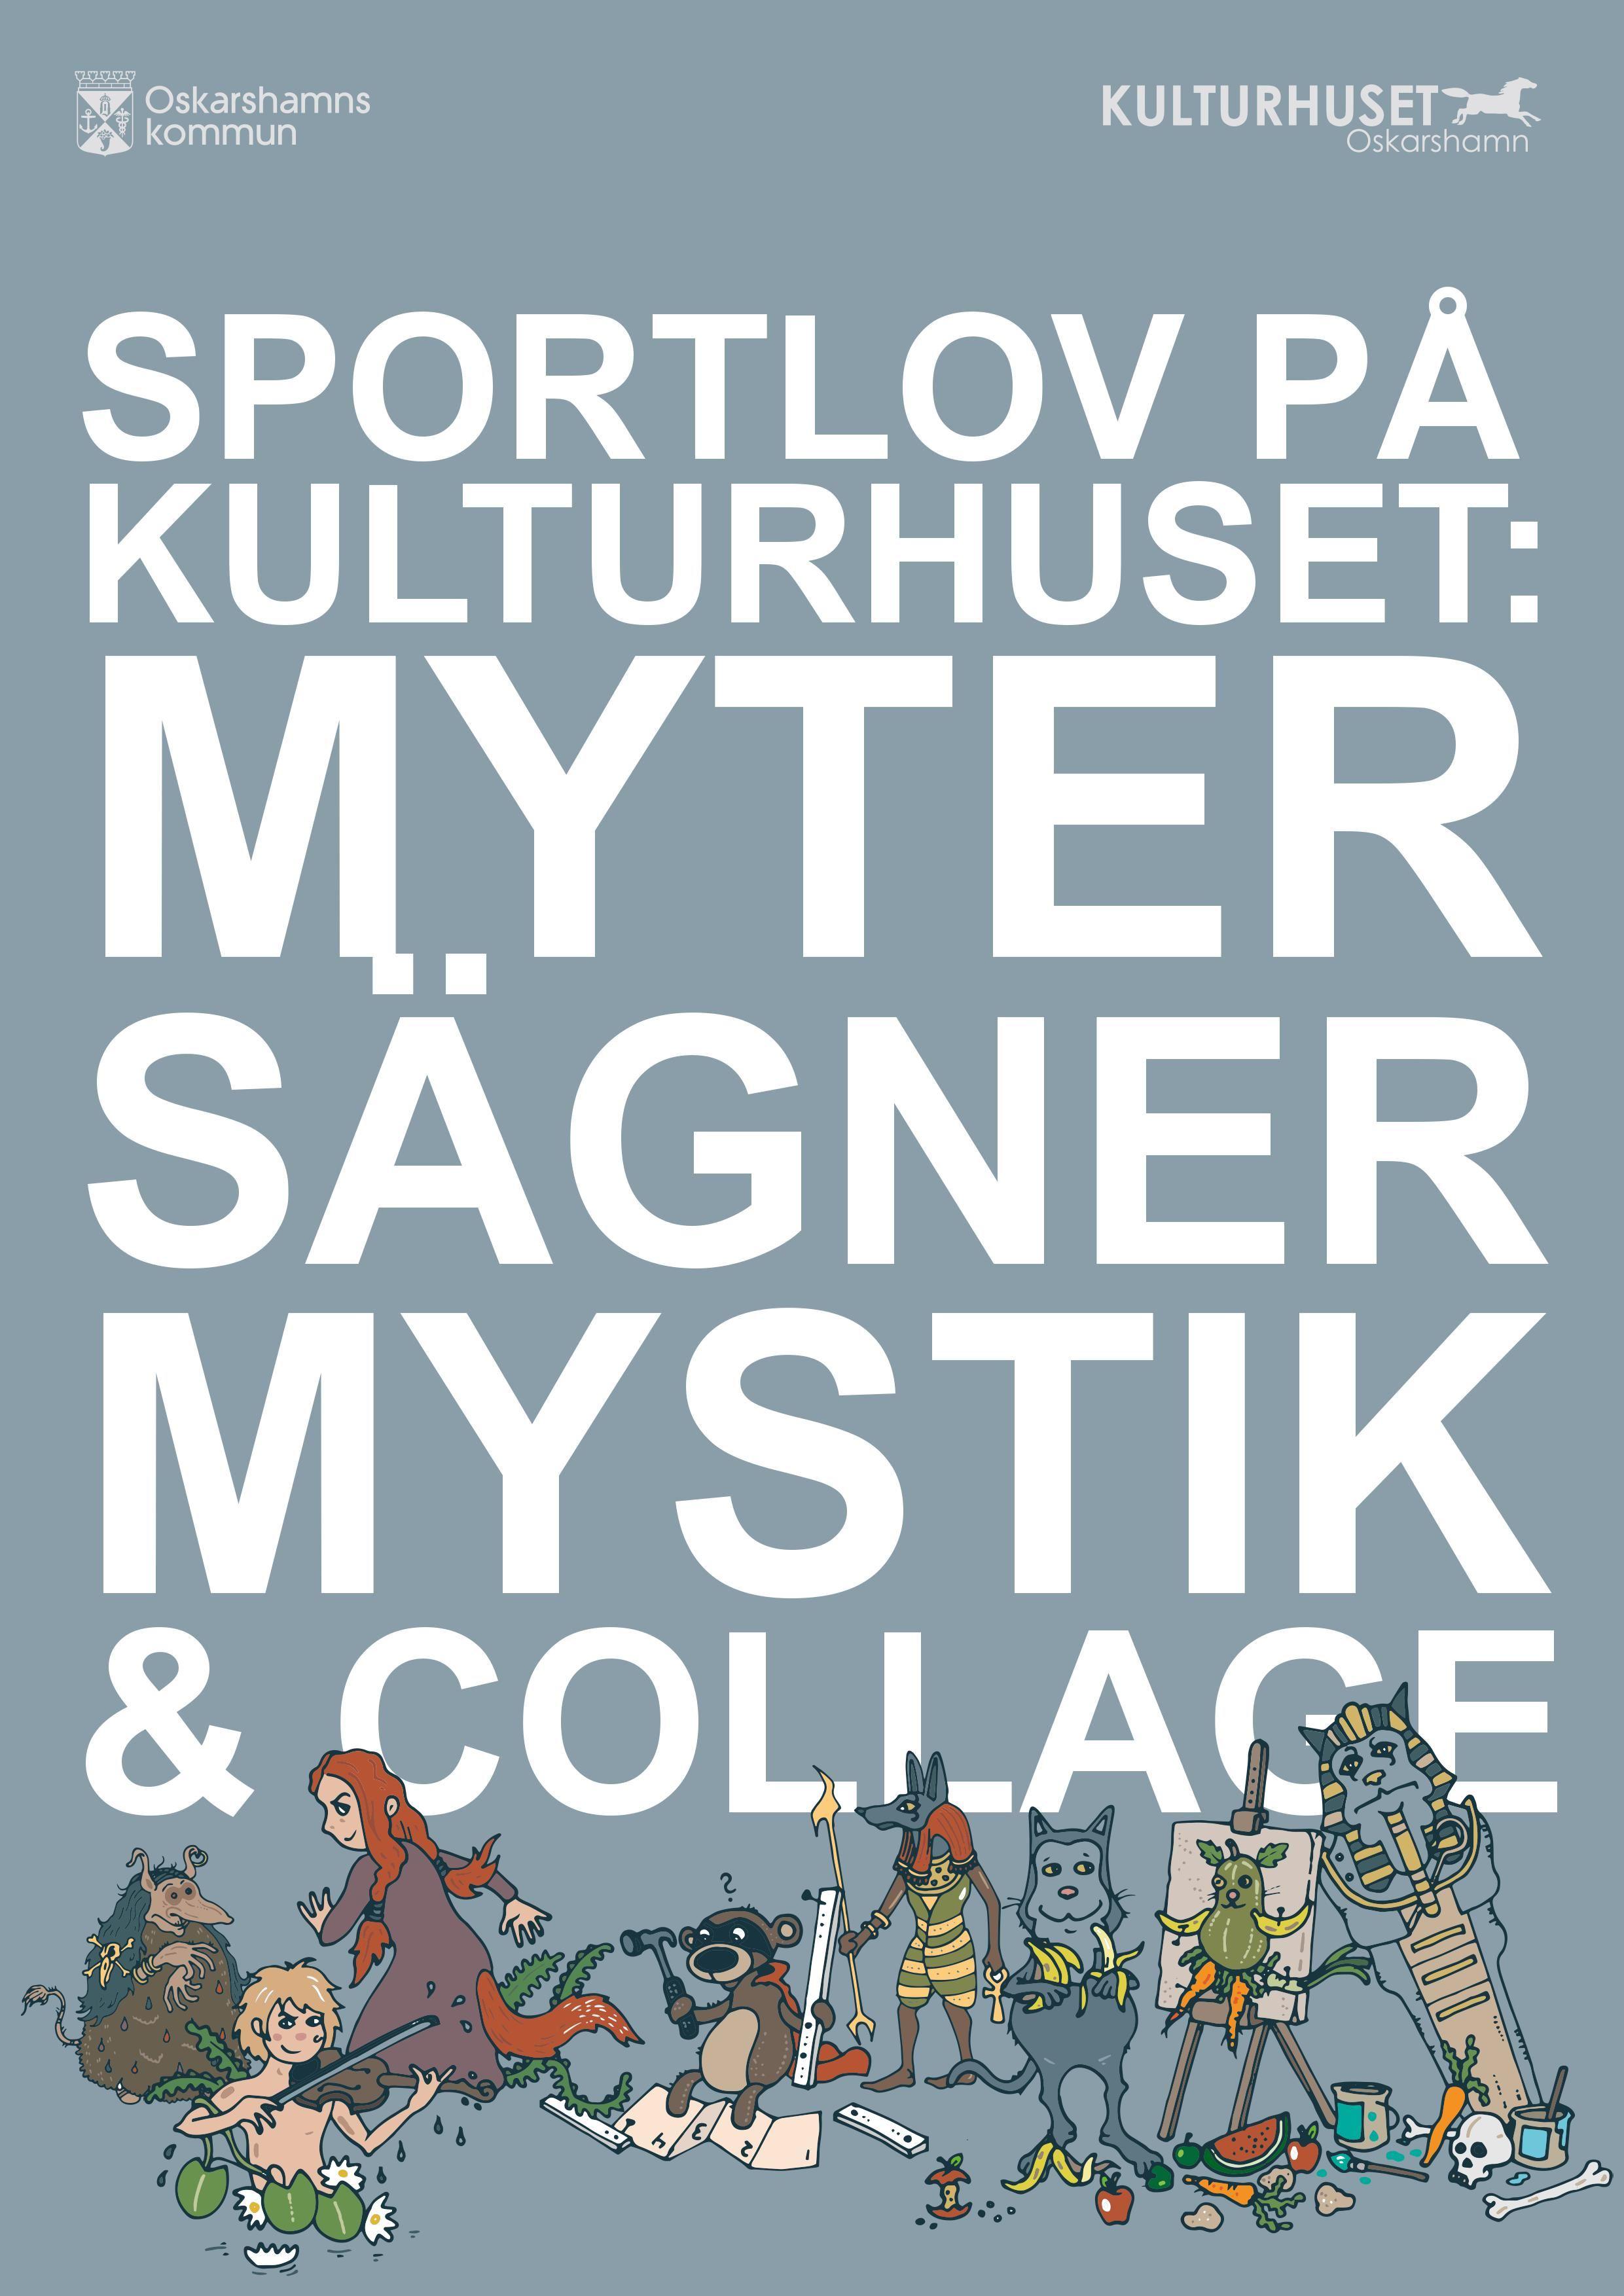 Sportlov - myter, sägner och mystik